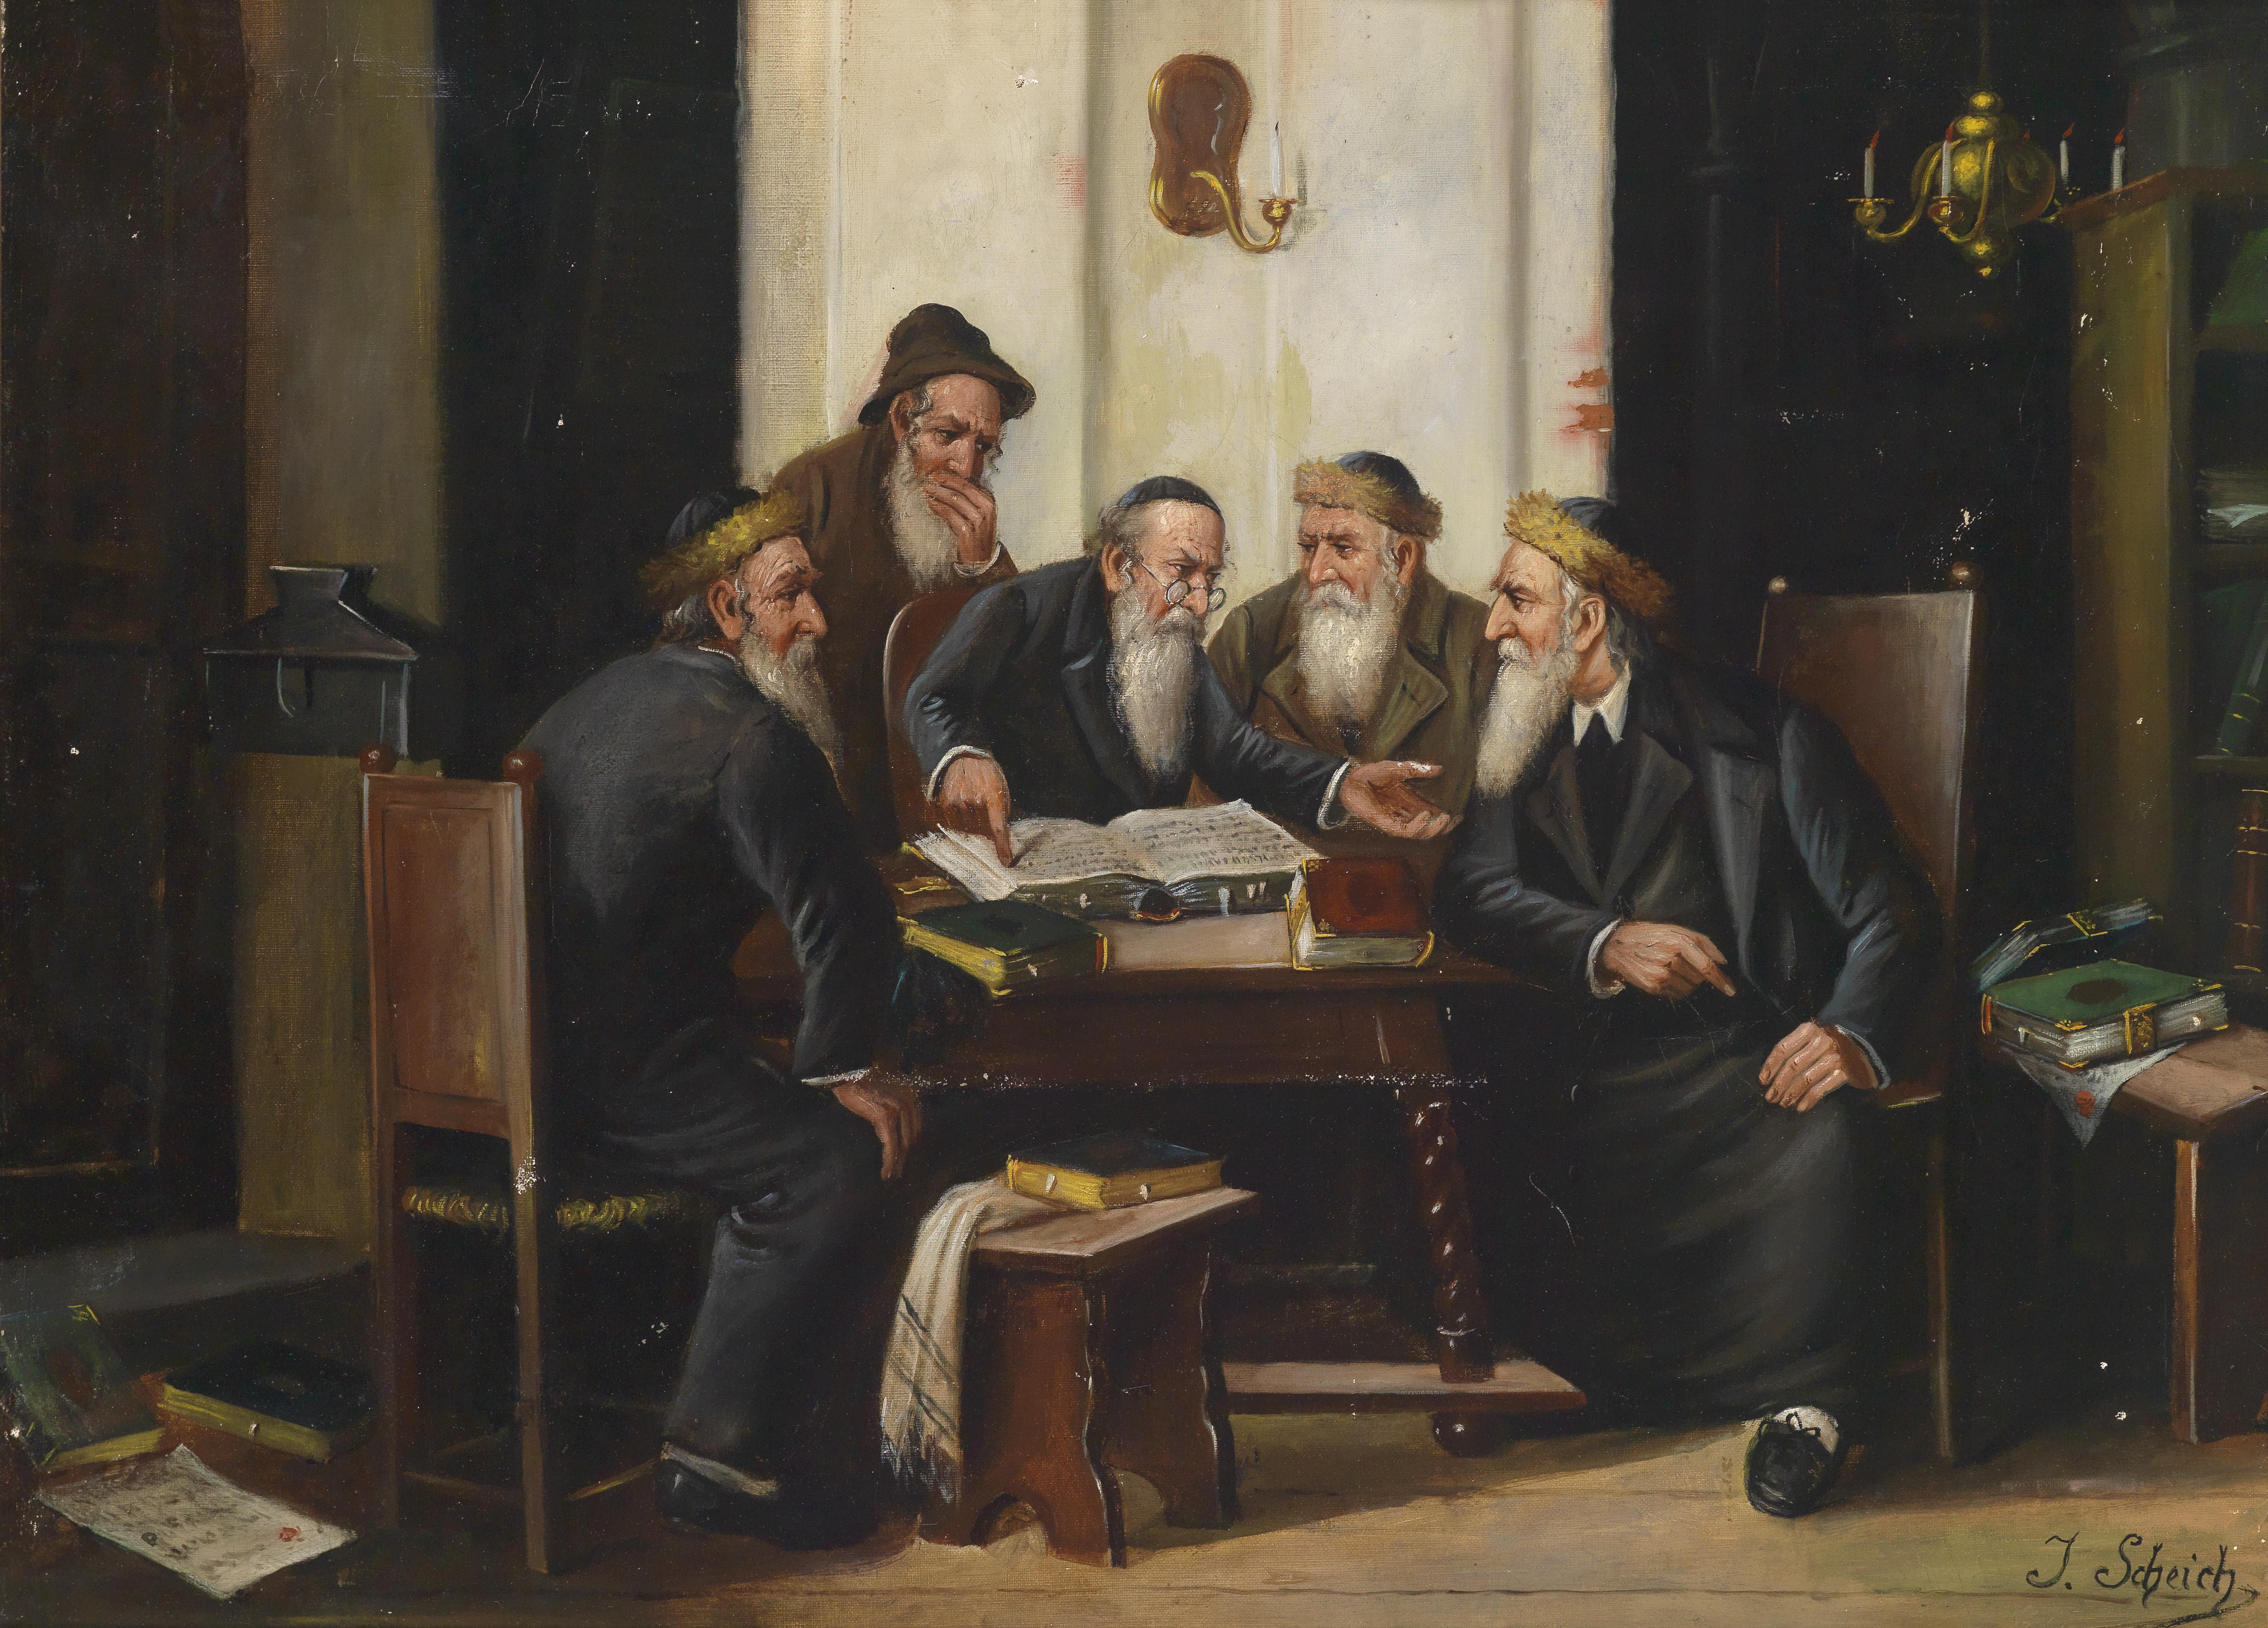 Dratch.Pic1.RabbisDebating